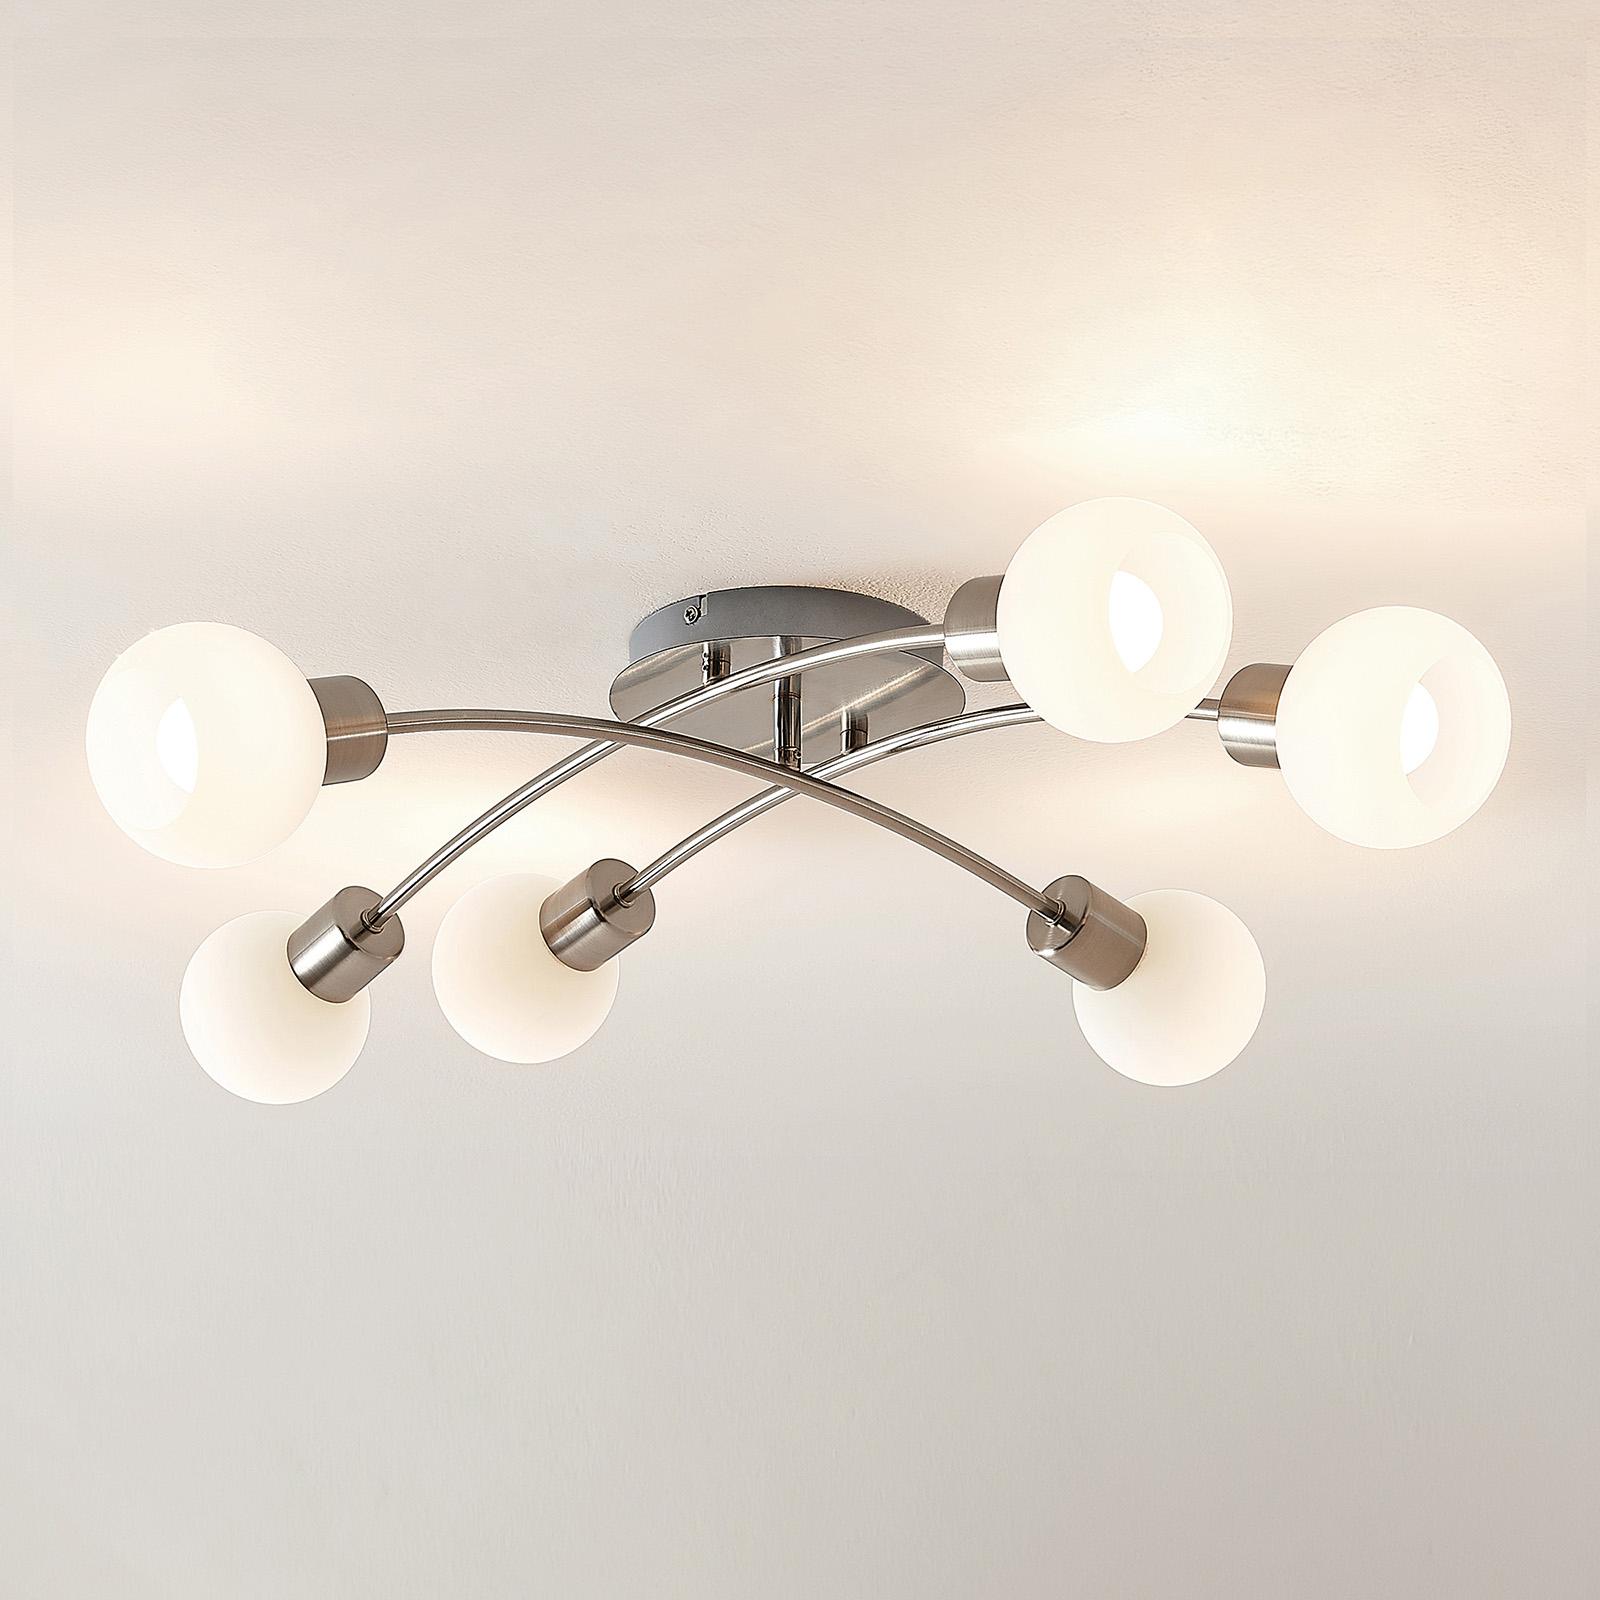 Lindby Agmar LED-Deckenleuchte, nickel, 6-fl.